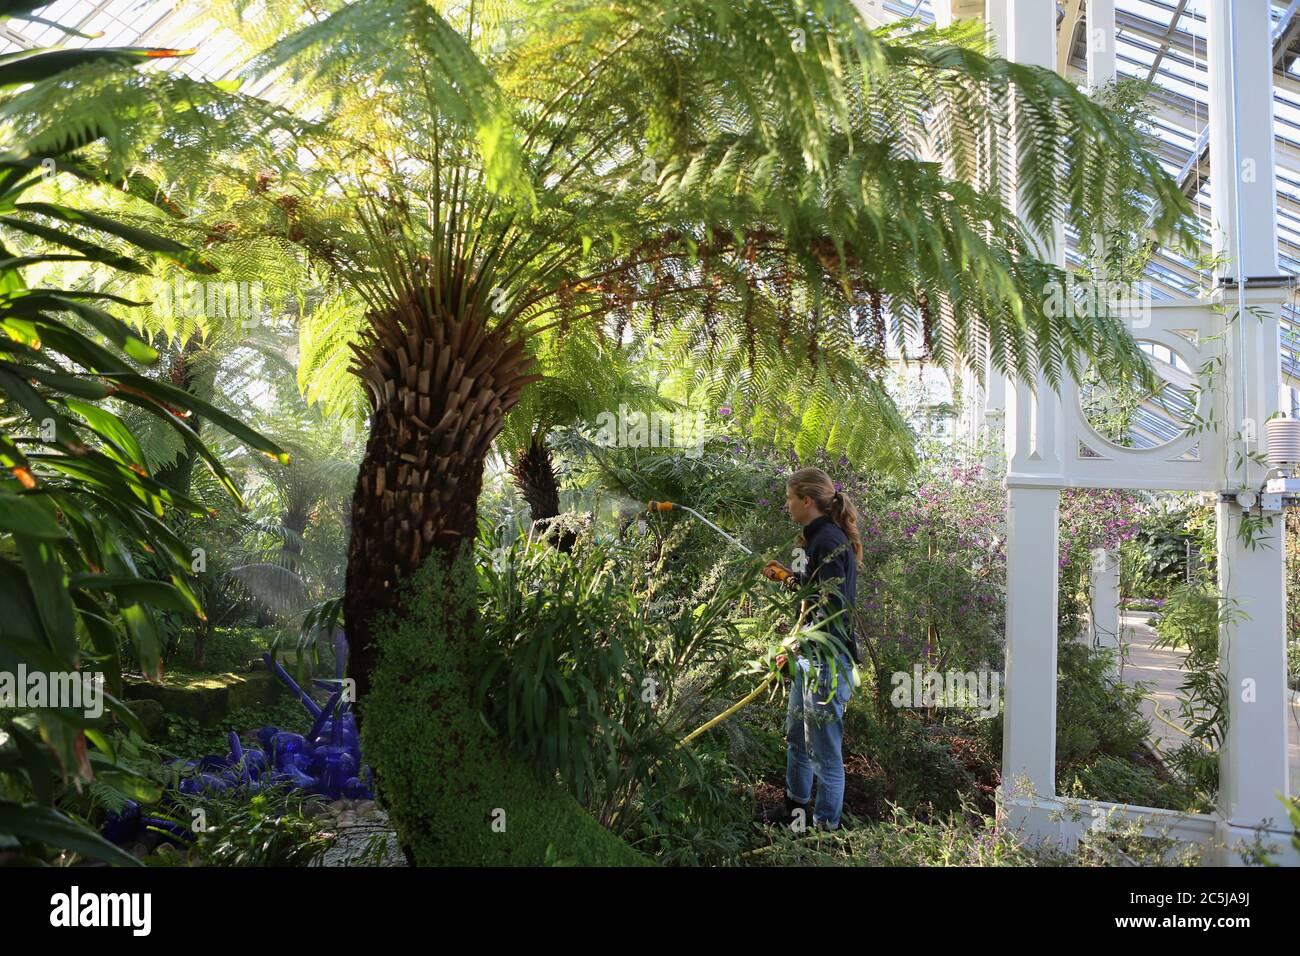 32 instalaciones de arte se situaron en los jardines en una amplia variedad de lugares. A medida que los visitantes entran por Victoria Gate, vieron a Sapphire Star, las formas individuales de vidrio soplado de las cuales se irradiarán hacia afuera para crear una experiencia visual celestial. El vibrante color azul de la estrella zafiro está muy concentrado en el centro, donde los elementos de vidrio individuales se encuentran y se vuelven cada vez más opacos. Las puntas acromáticas translúcidas de la obra reflejan la luz y añaden un intenso resplandor. La obra de Chihuly ha sido expuesta en más de 240 museos alrededor del mundo en su carrera de 50 años. Foto de stock